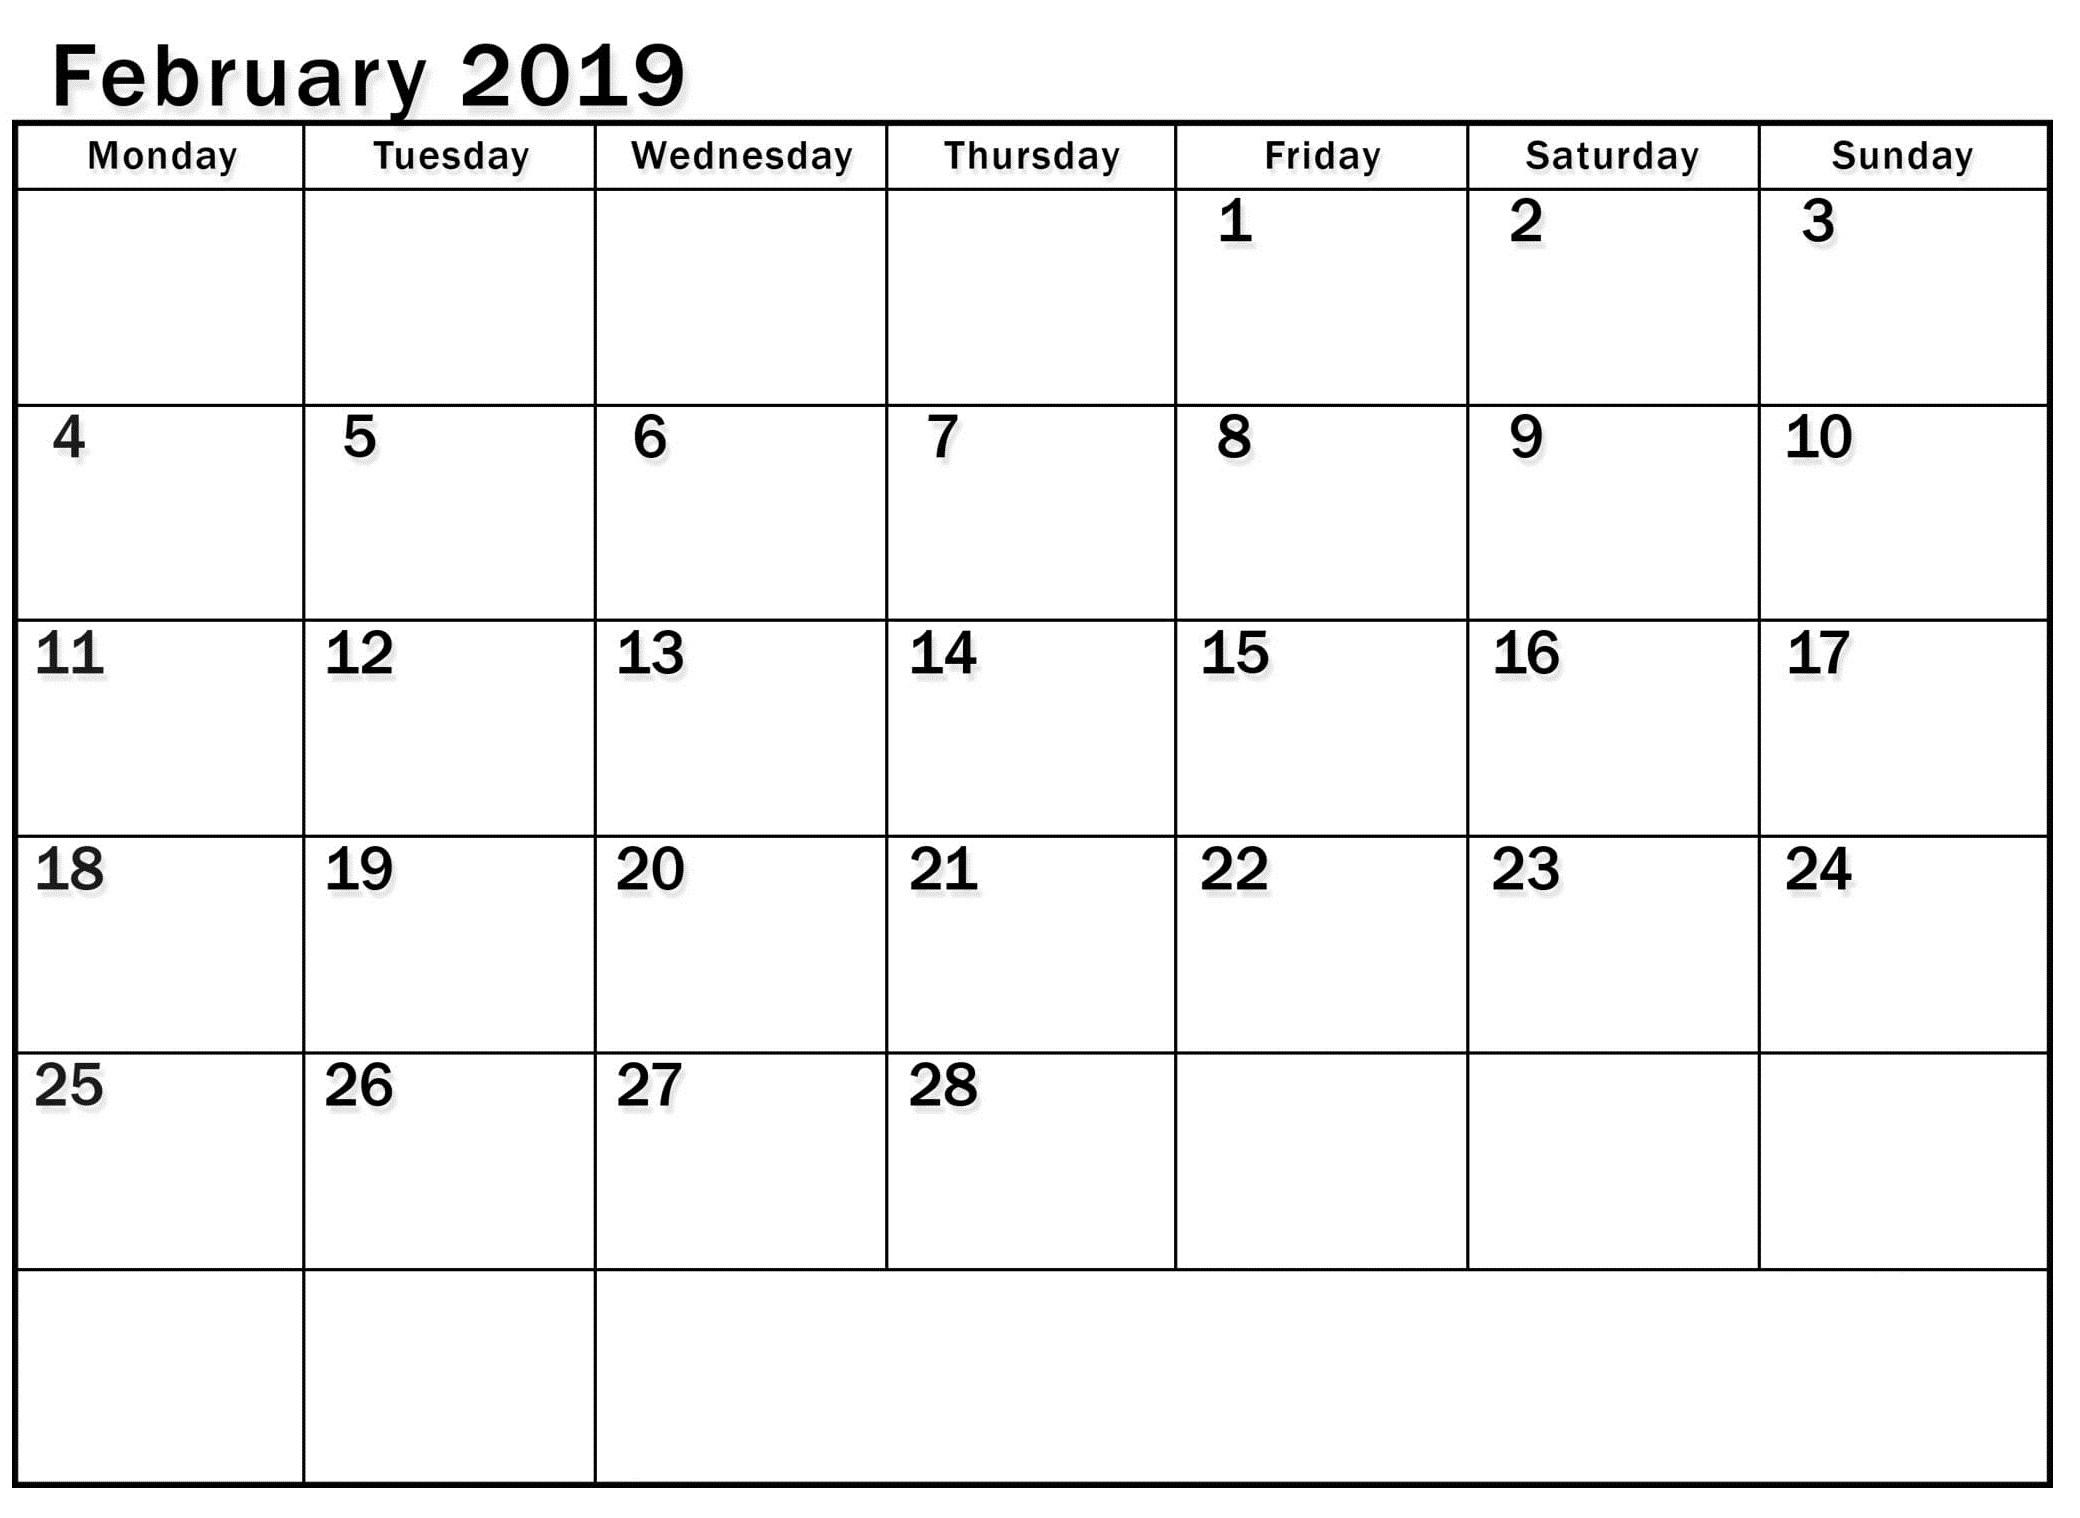 A3 Calendar For February 2019 - Printable Calendar Templates throughout A3 Calendar Template Printable